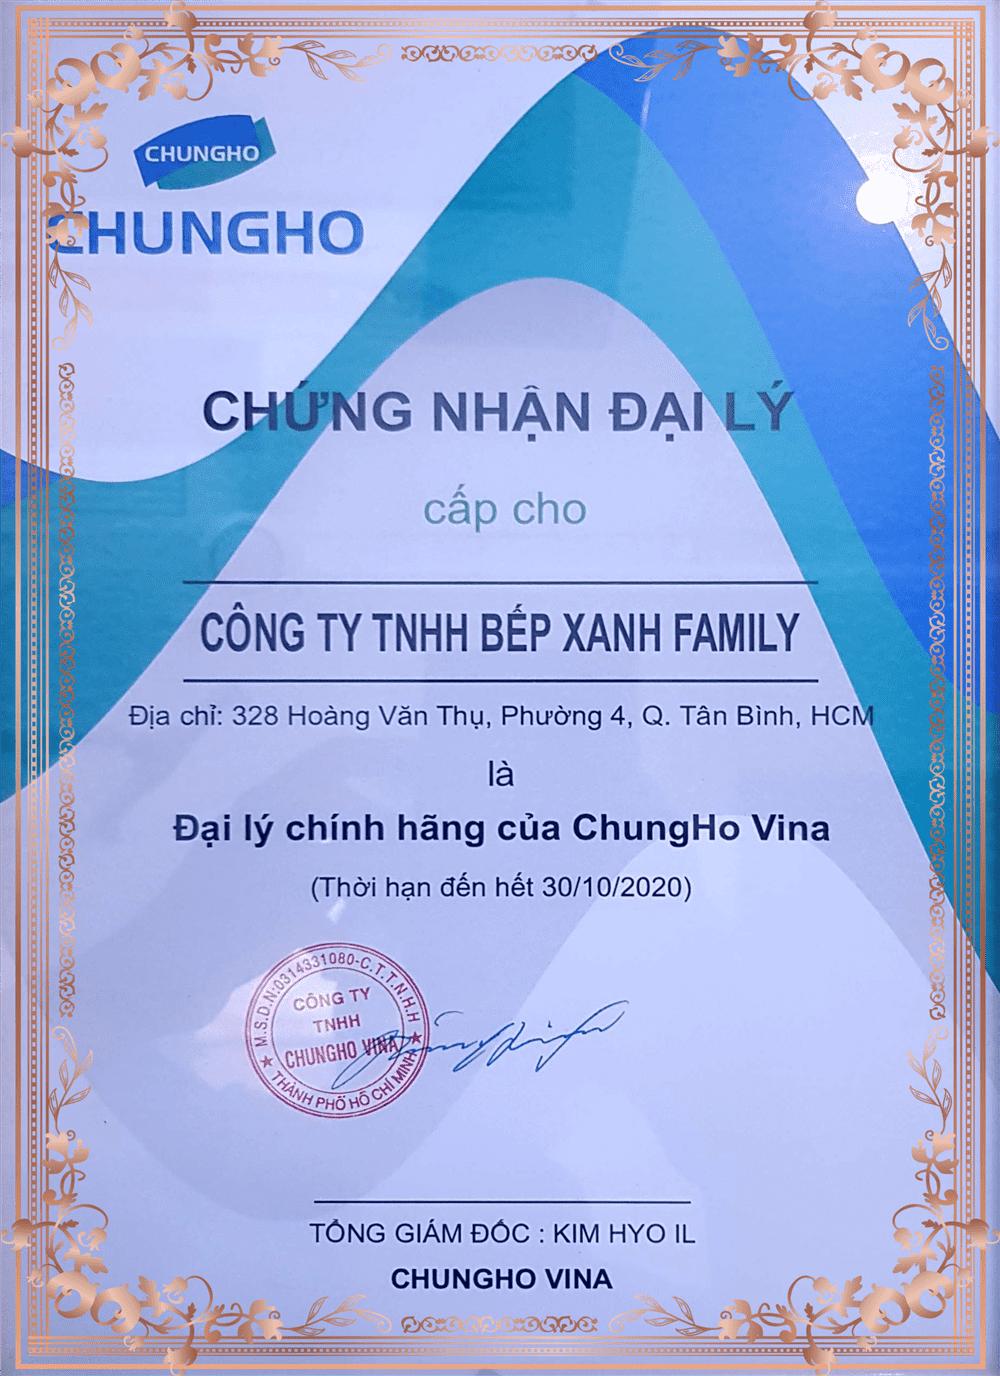 Phân phối Chungho